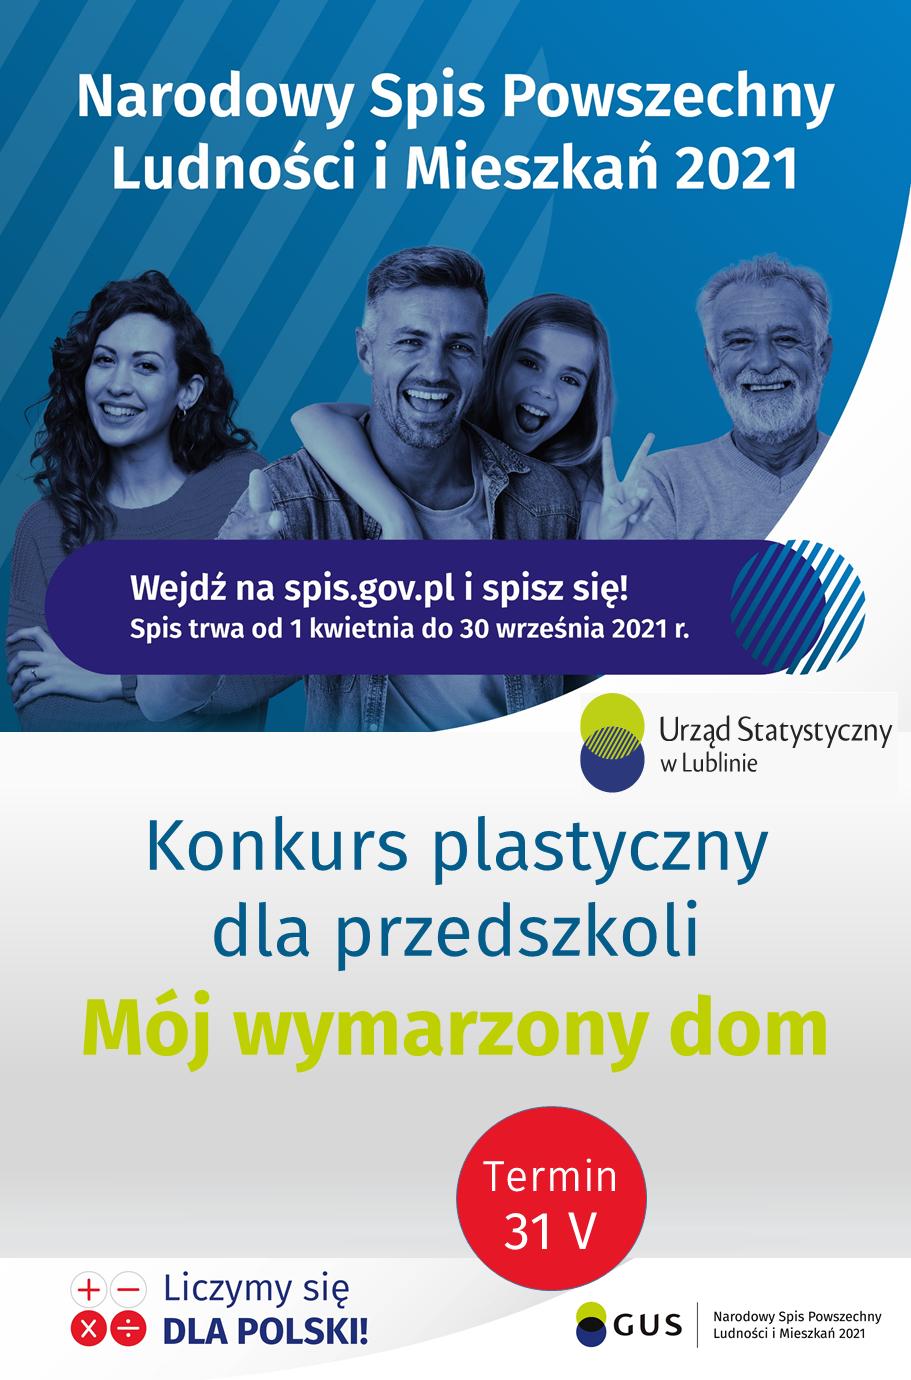 """Konkurs plastyczny dla placówek wychowania przedszkolnego pt. """"Mój wymarzony dom"""""""